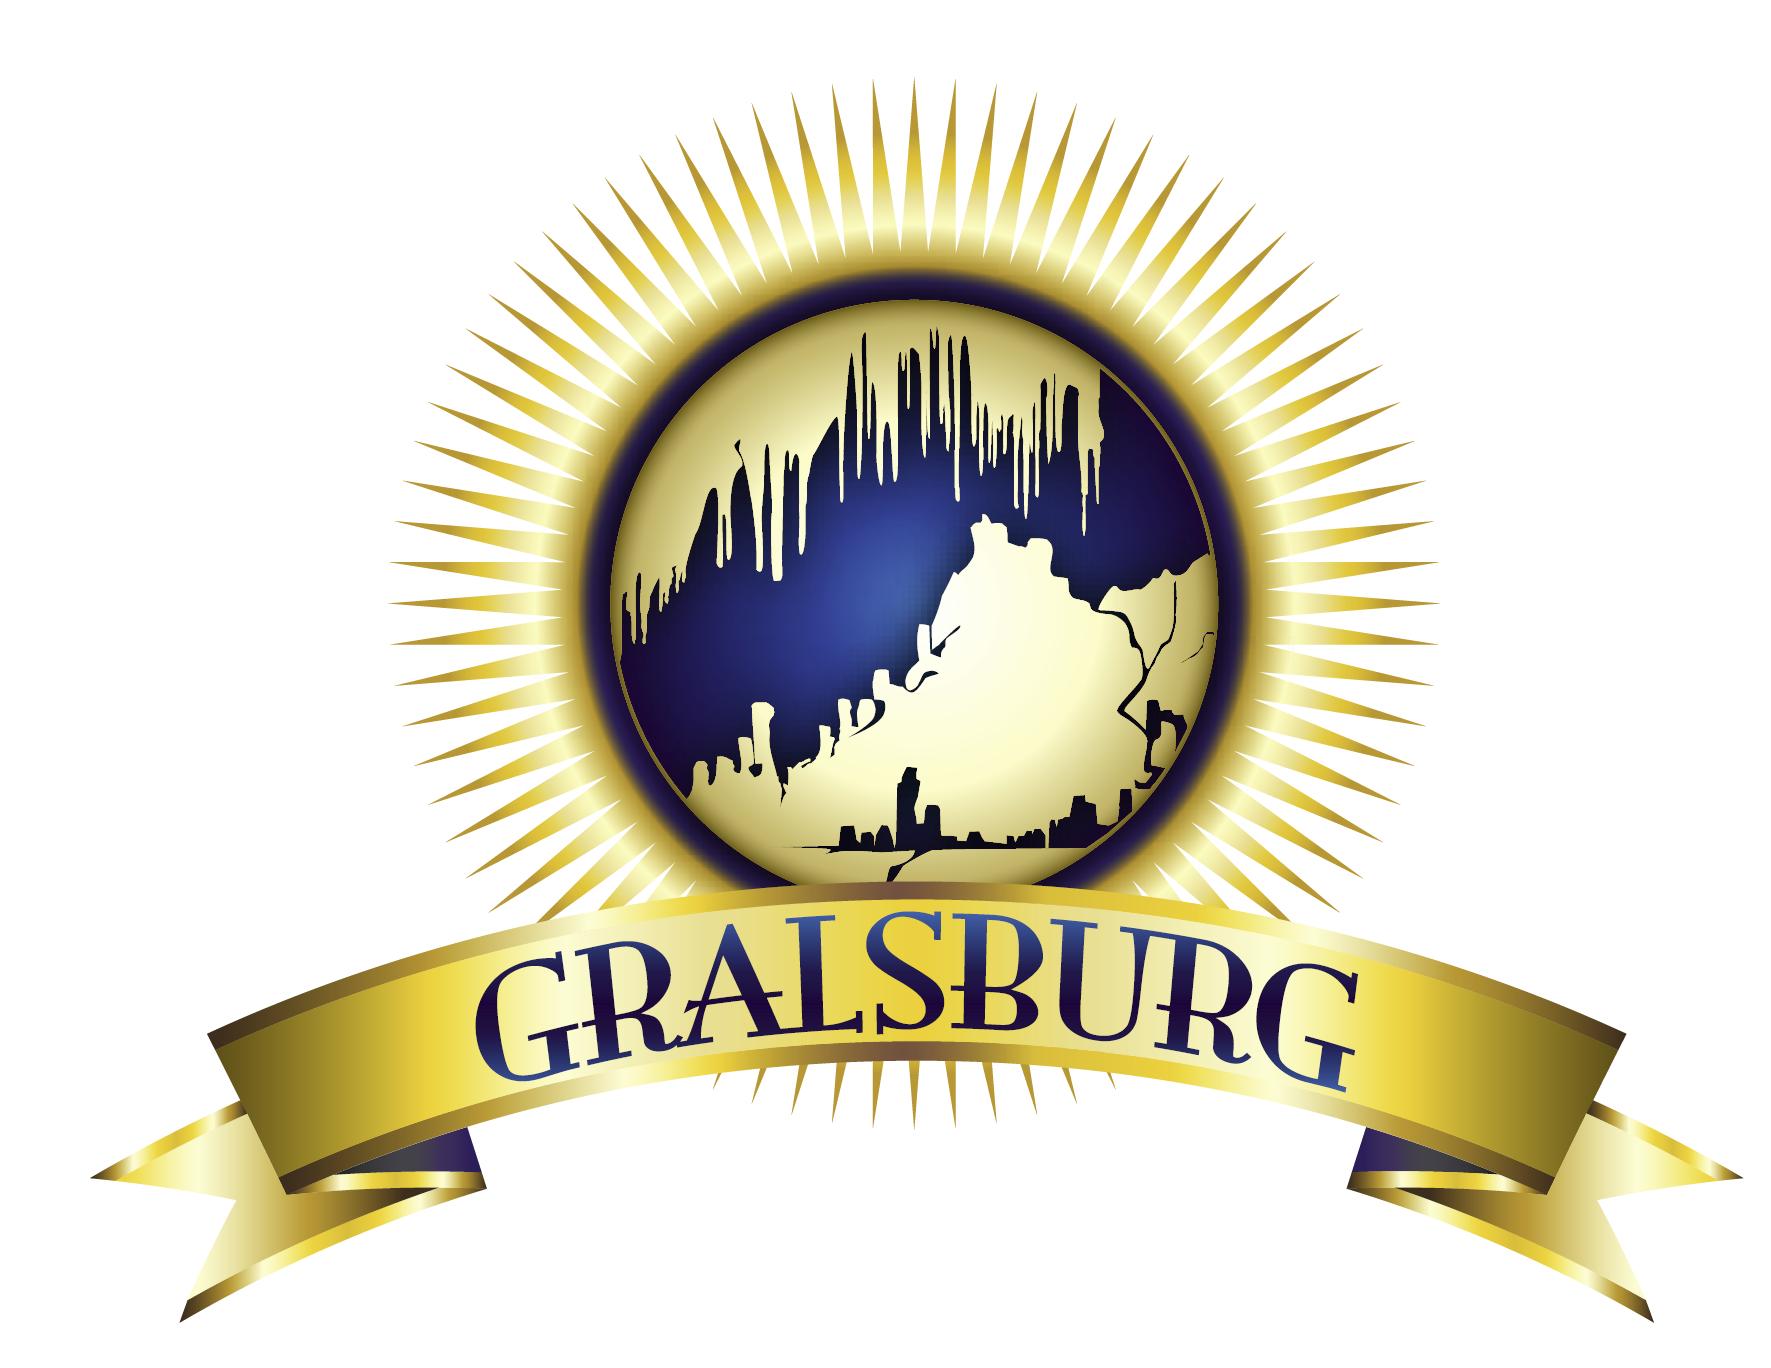 Gralsburg